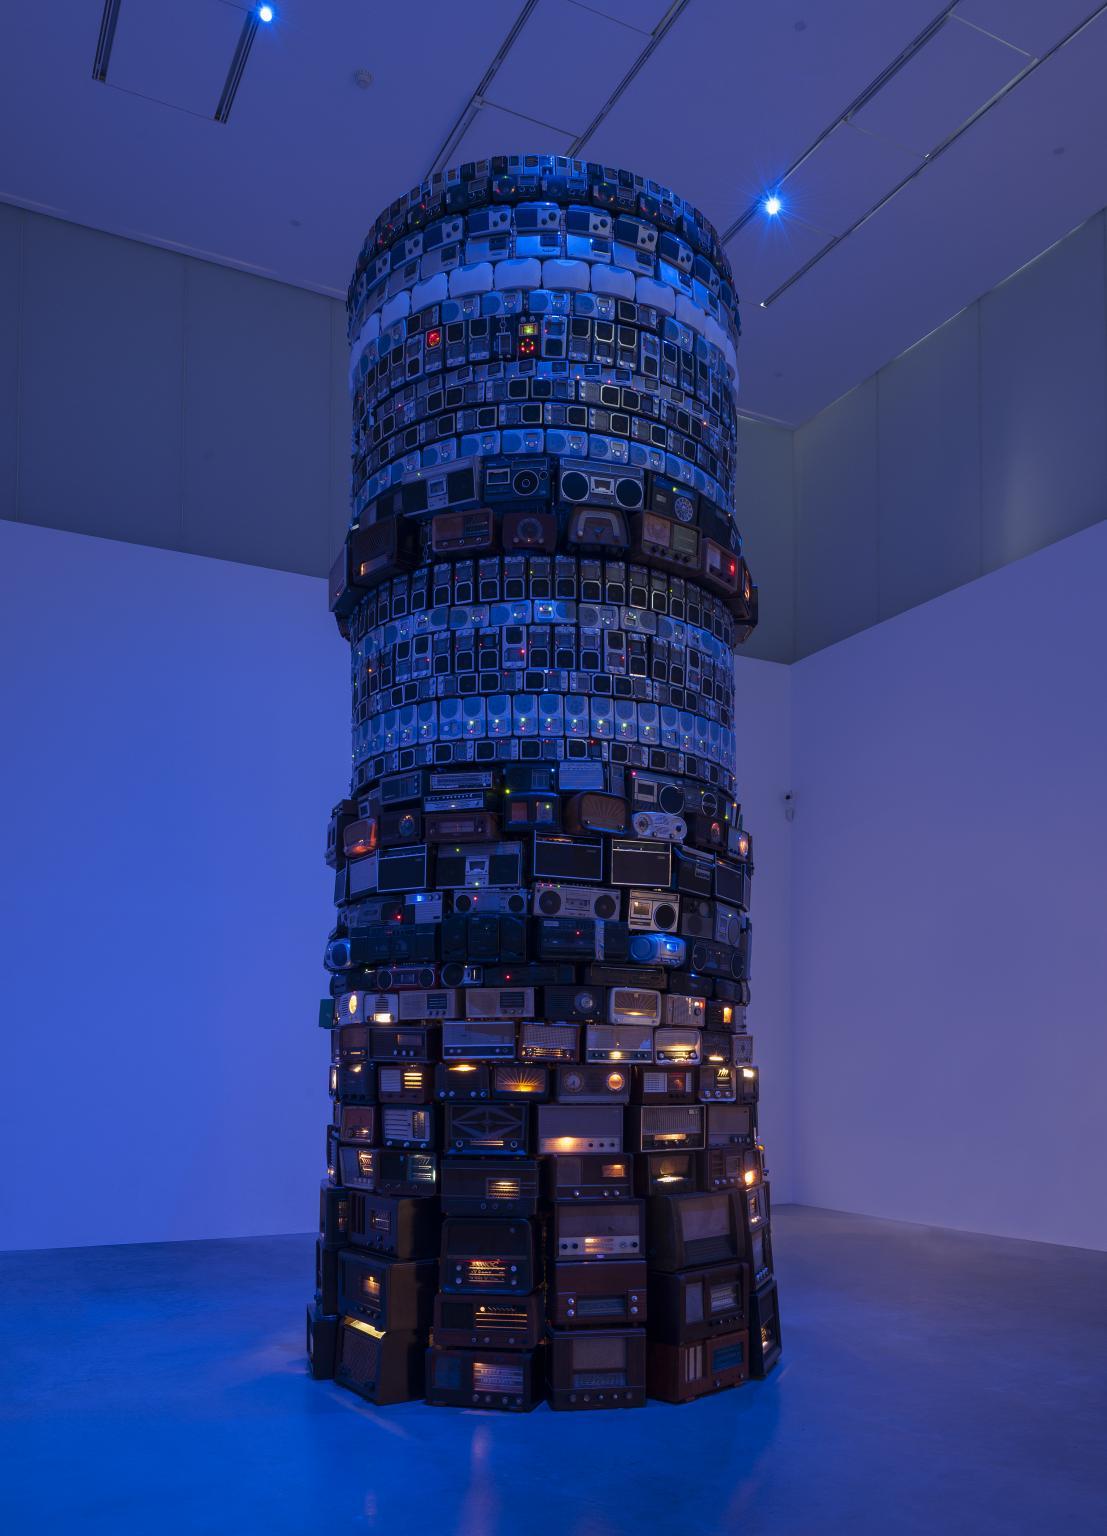 Soikea, korkea torni, joka on päällystetty sadoilla erilaisilla radioilla ja stereoilla. Jokainen rivi on erilainen, mutta sisältää keskenään mahdollisimman samanlaisia radioita. Kuvassa on sinertävä valotus ja osassa radioista on päällä pieni valo.